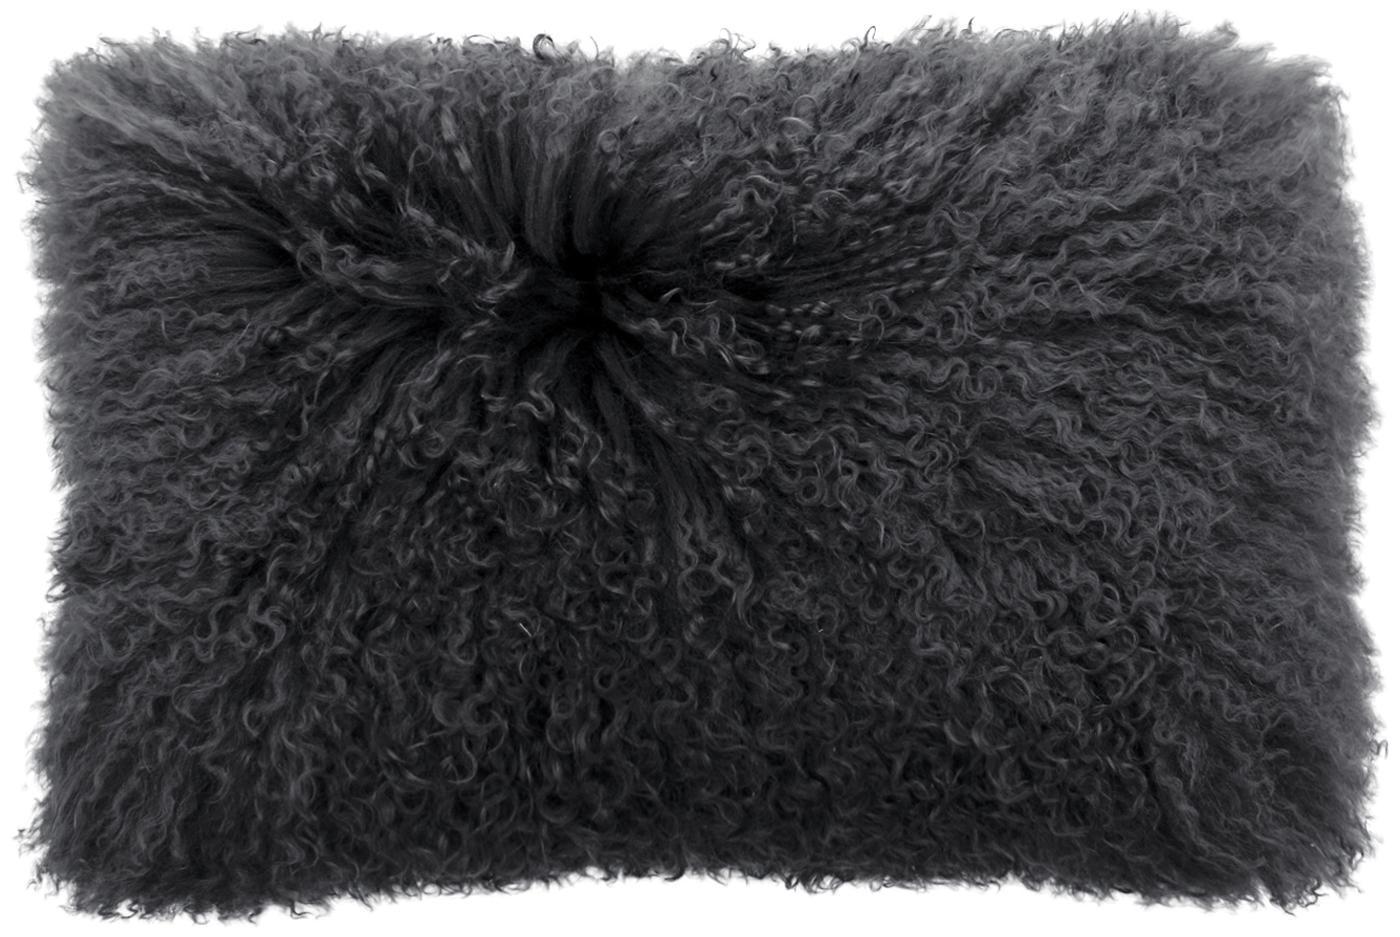 Funda de cojín en piel de cordero rizada Ella, Parte delantera: 100%piel de cordero de M, Parte trasera: 100%poliéster, Gris, An 30 x L 50 cm